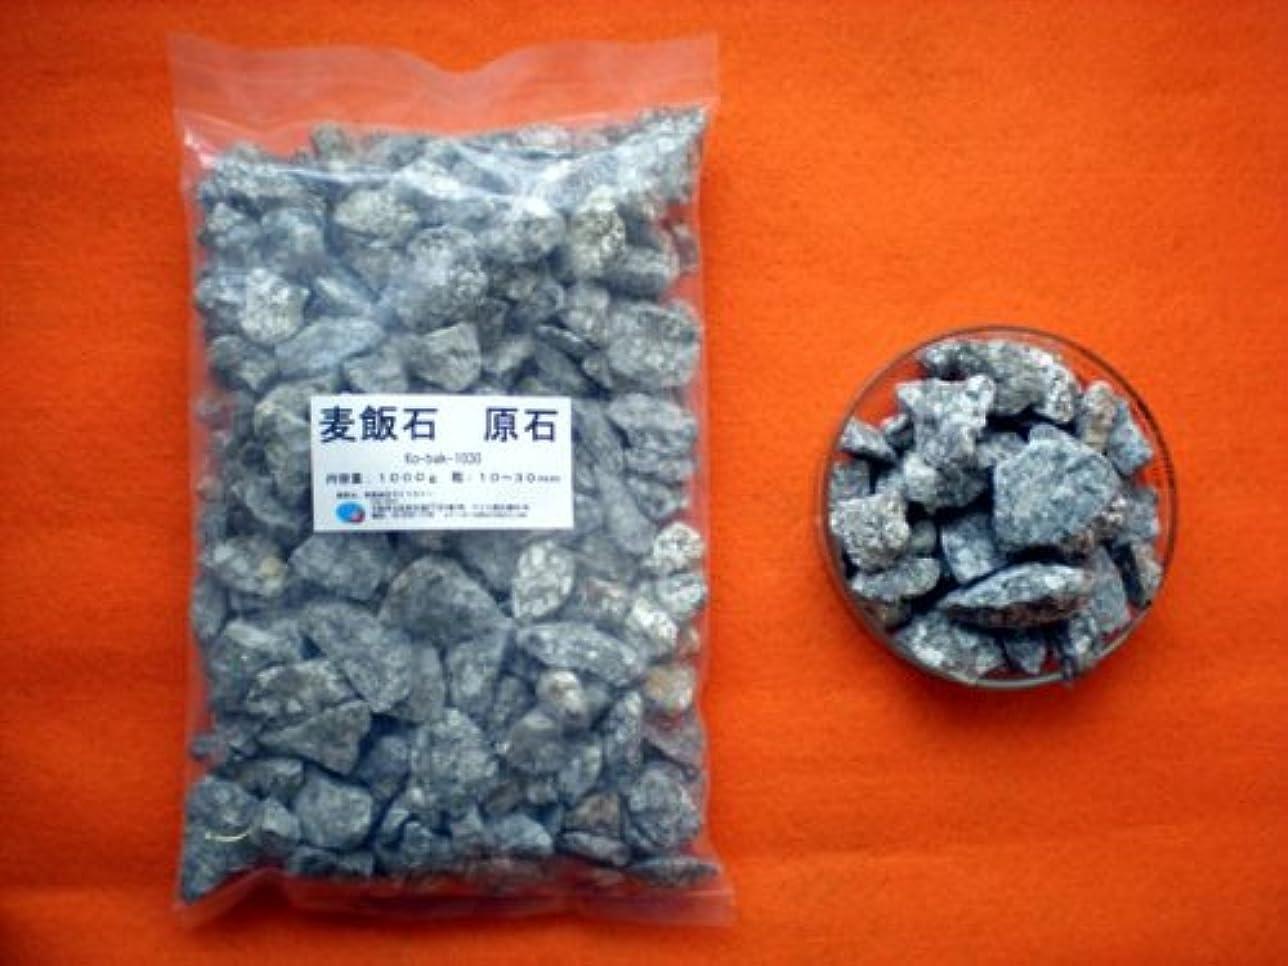 離れて医療の同封する麦飯石 原石 [美濃白川町] 1000g/サイズ10-30mm